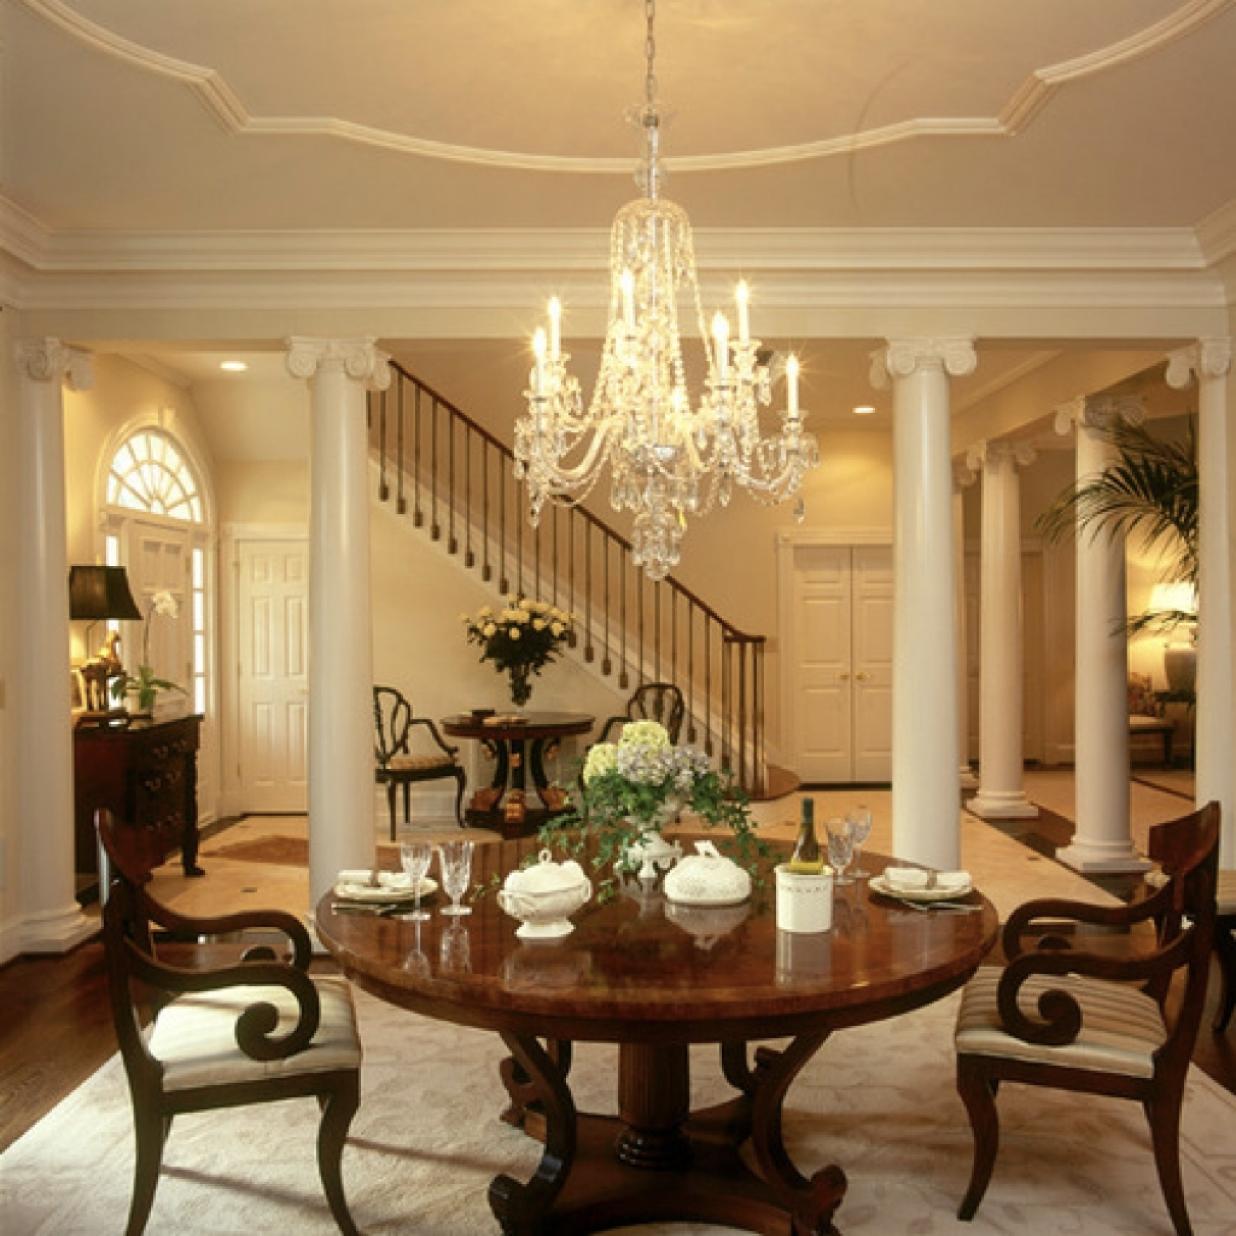 Rumah bergaya American style – source: crismatec.com